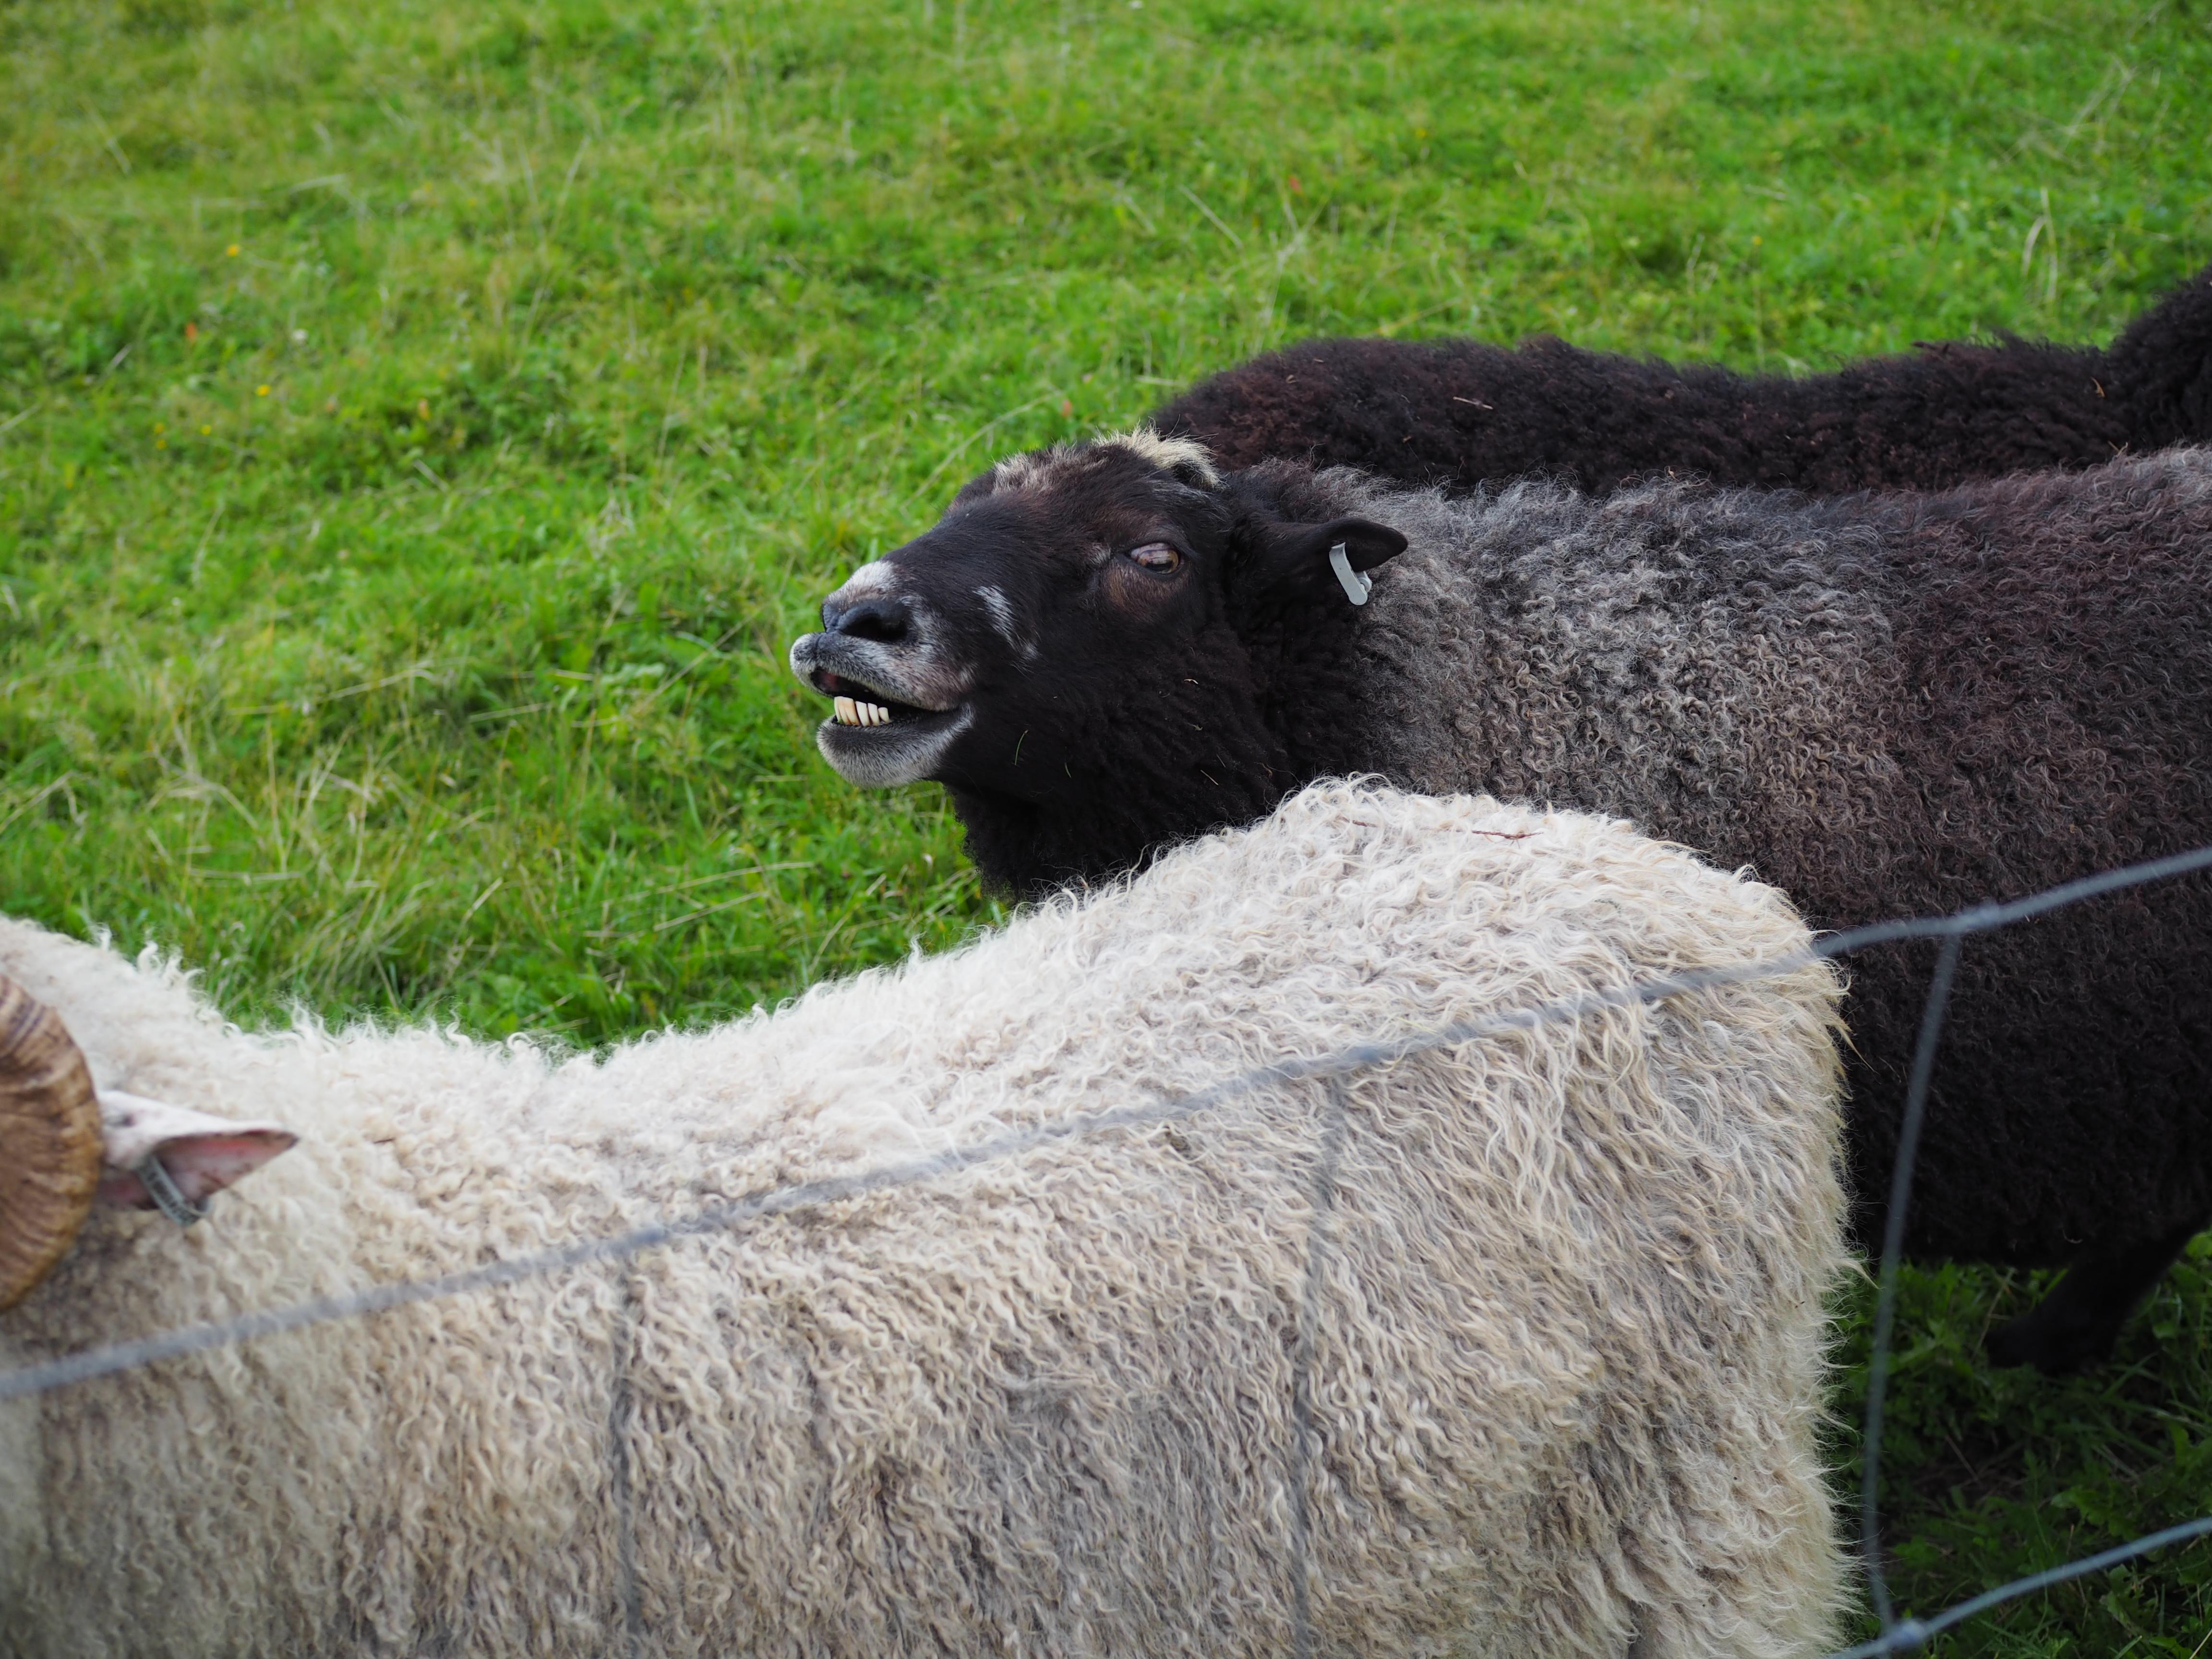 Tää hymyhuuli hyppäs yhtäkkiä valkeen lampaan selkään